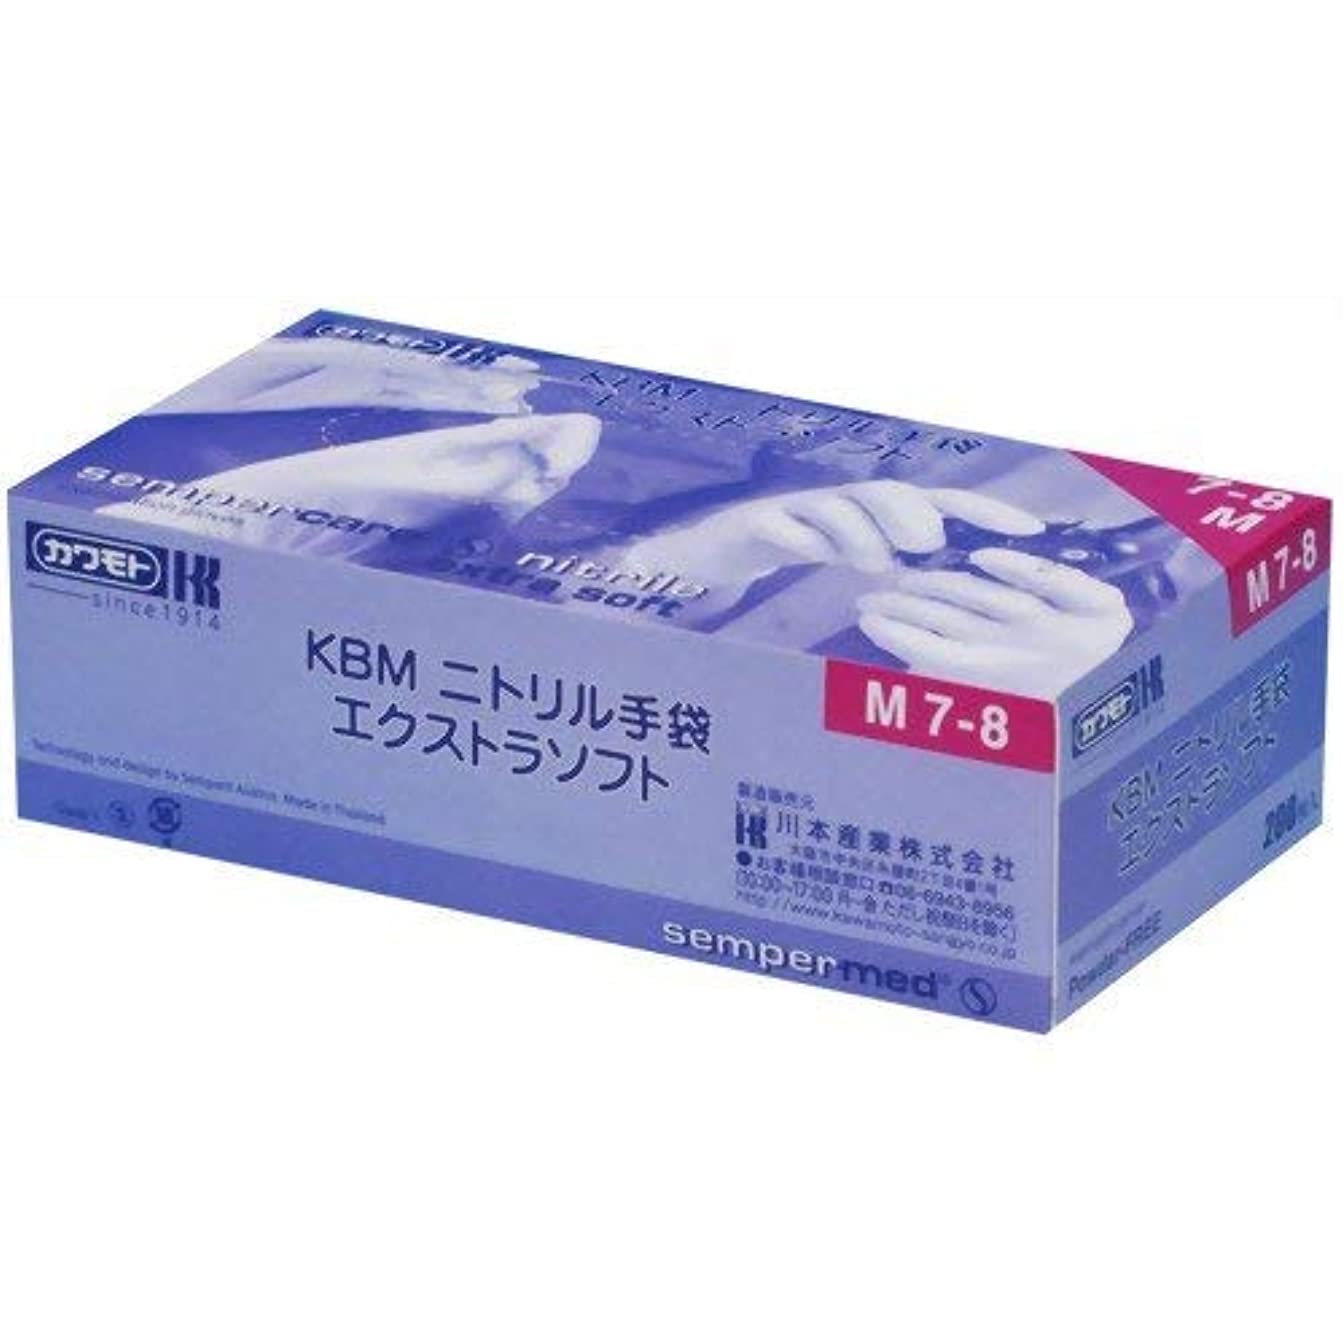 行商人ティーンエイジャー香り川本産業 KBMニトリル手袋 エクストラソフト S 200枚入 × 48個セット